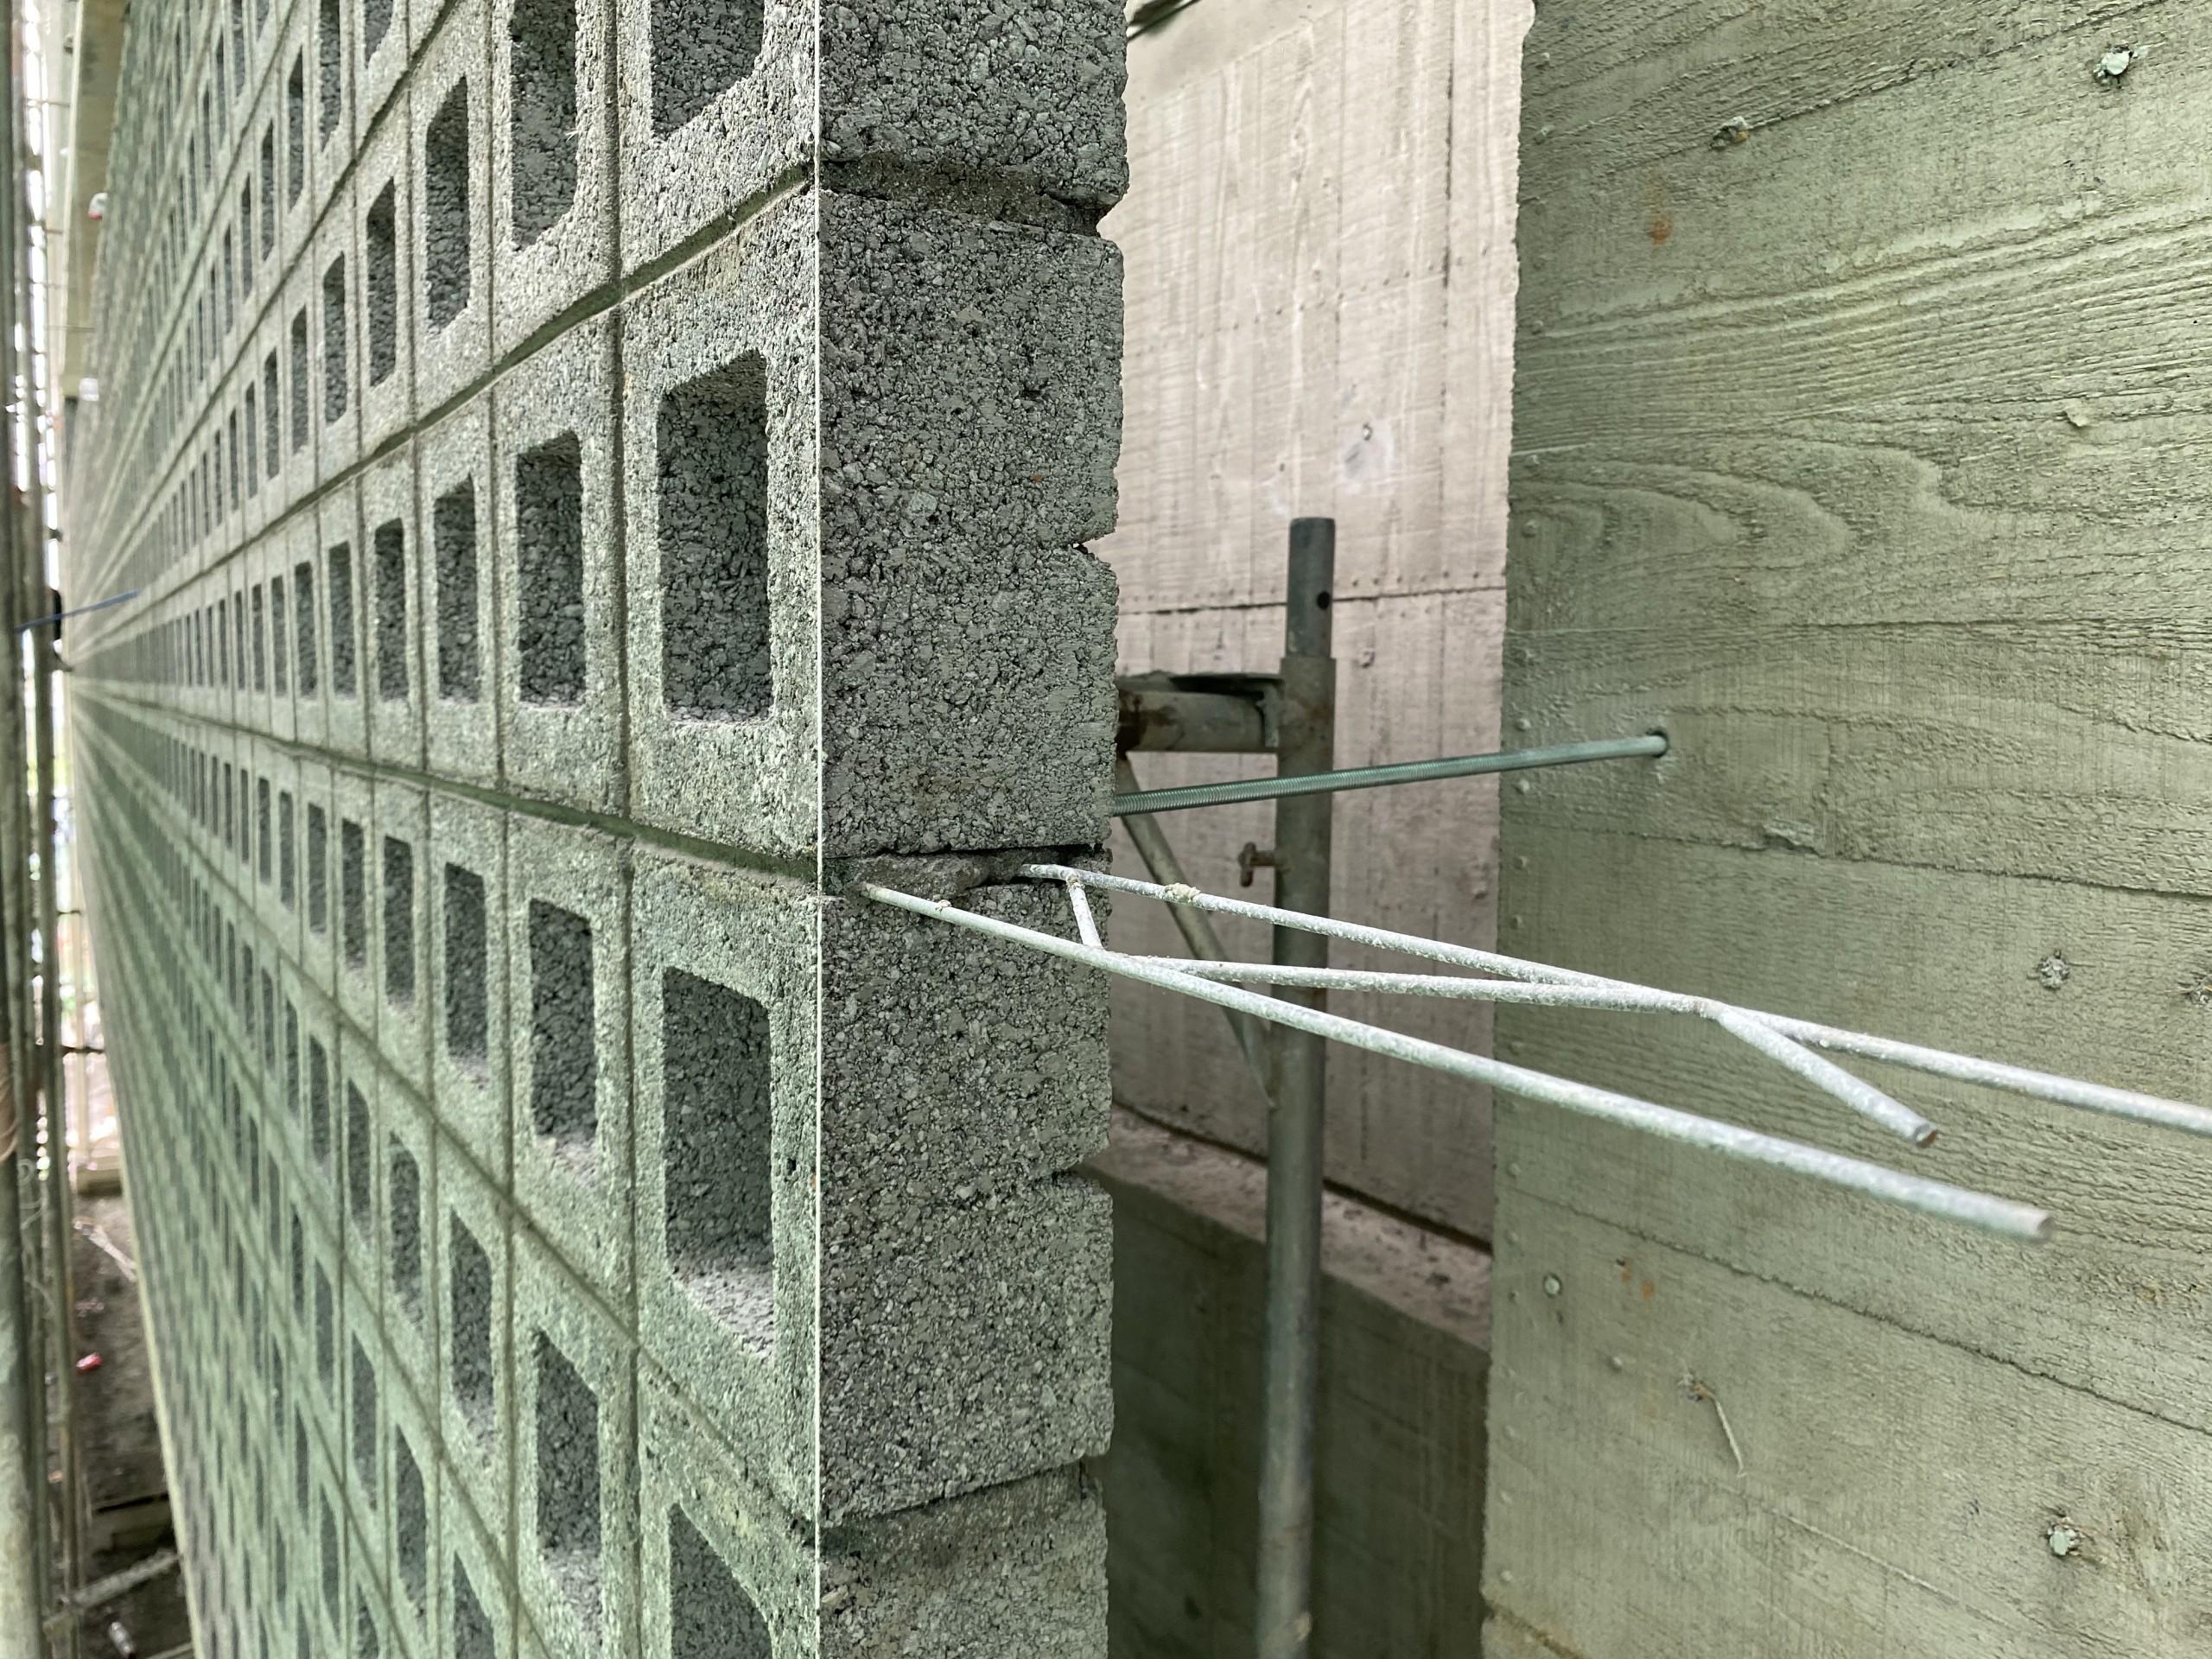 德築-DEZU-project-Zutian-architecture-real-estate-engineering-windows-doors-170